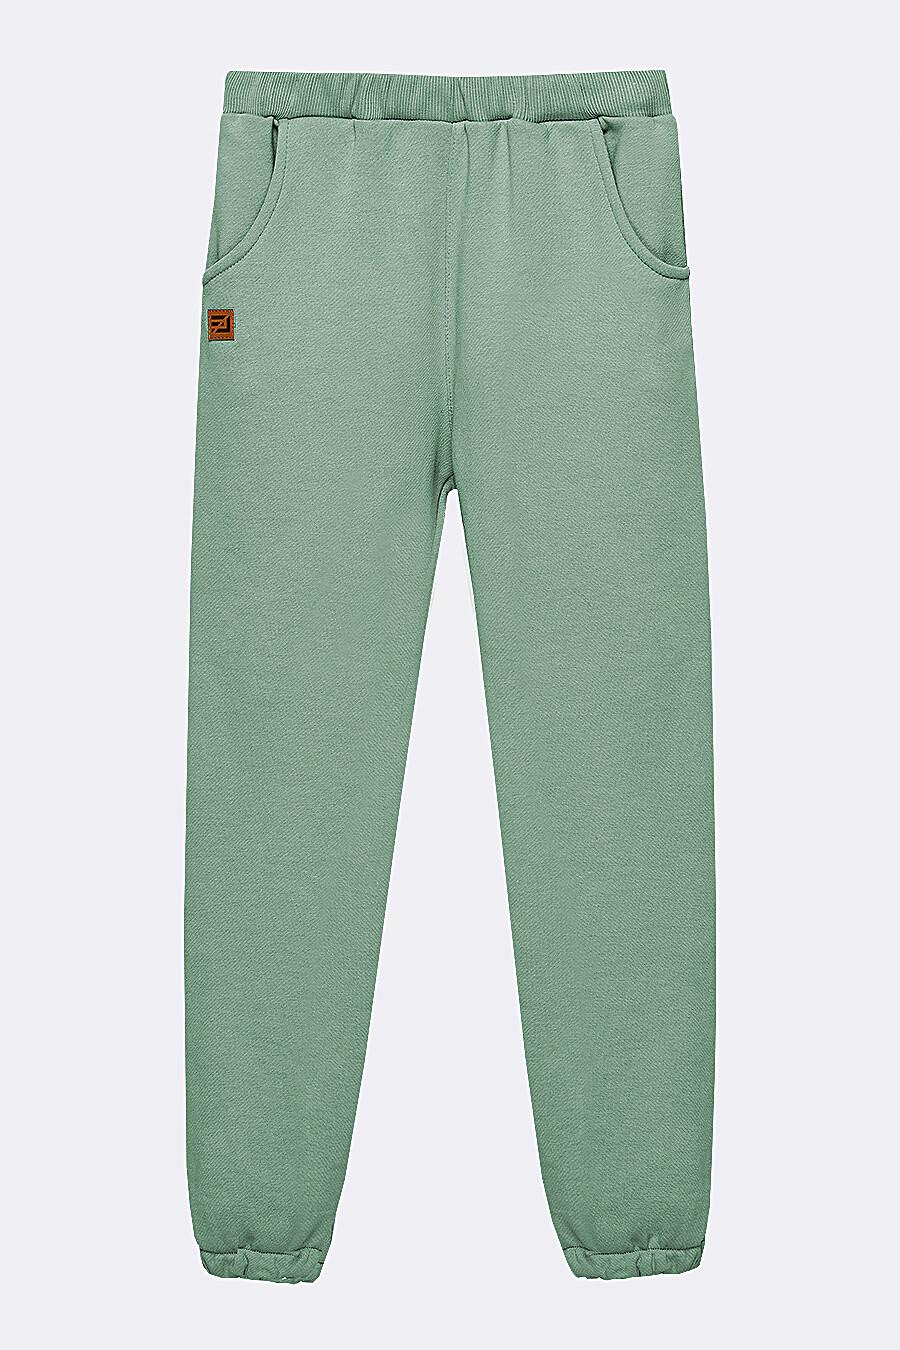 Костюм(Худи+Брюки) для мальчиков EZANNA 682558 купить оптом от производителя. Совместная покупка детской одежды в OptMoyo